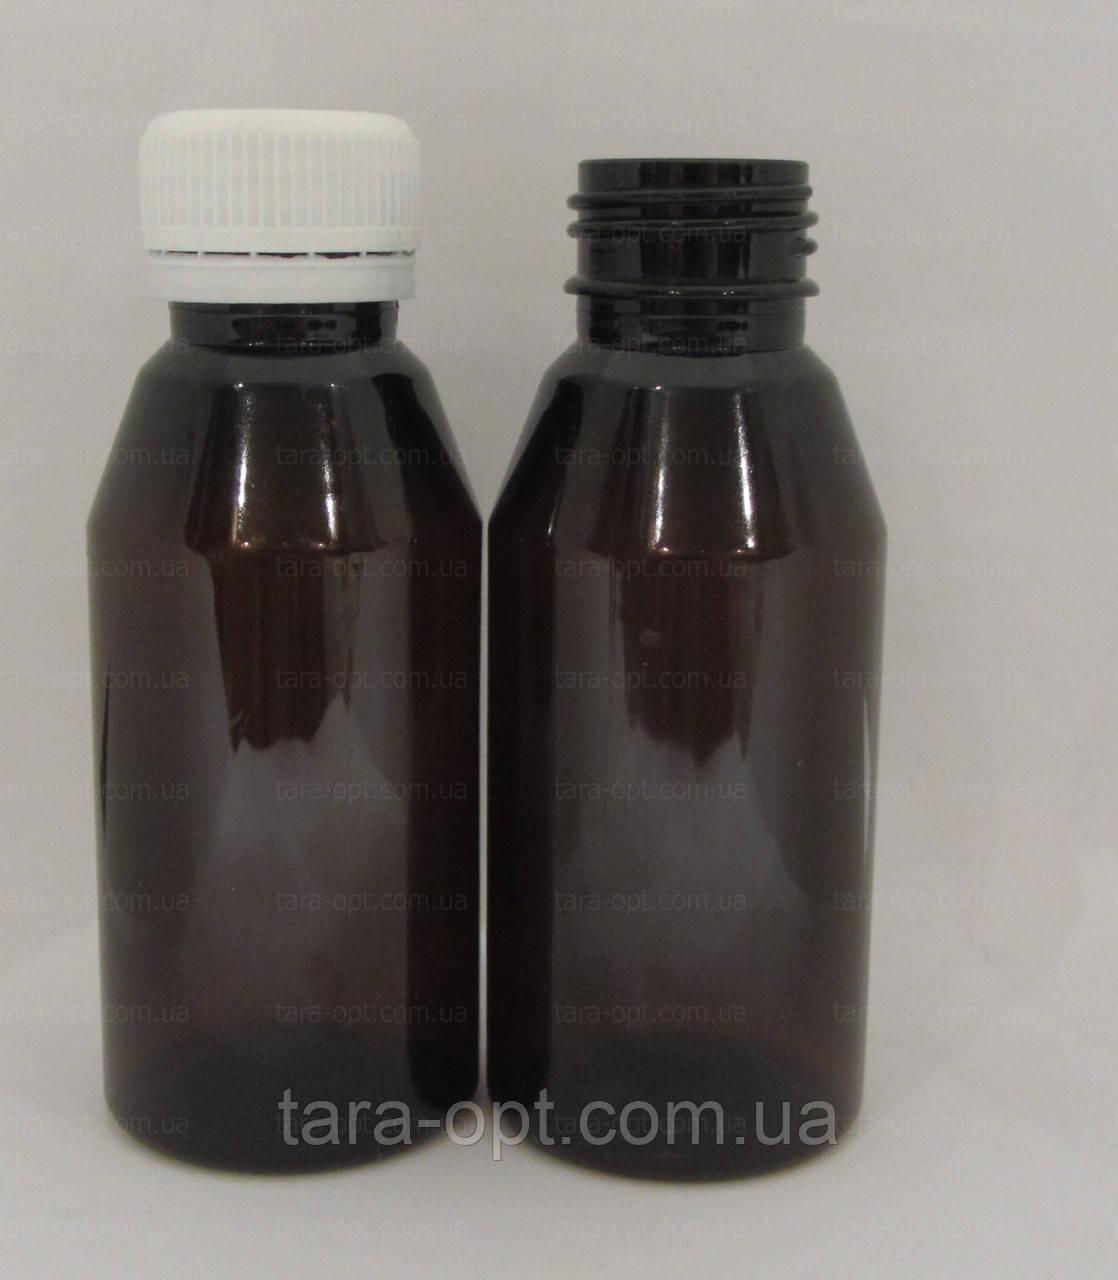 Флакон пищевой 115 мл, (Цена от 4 грн)*